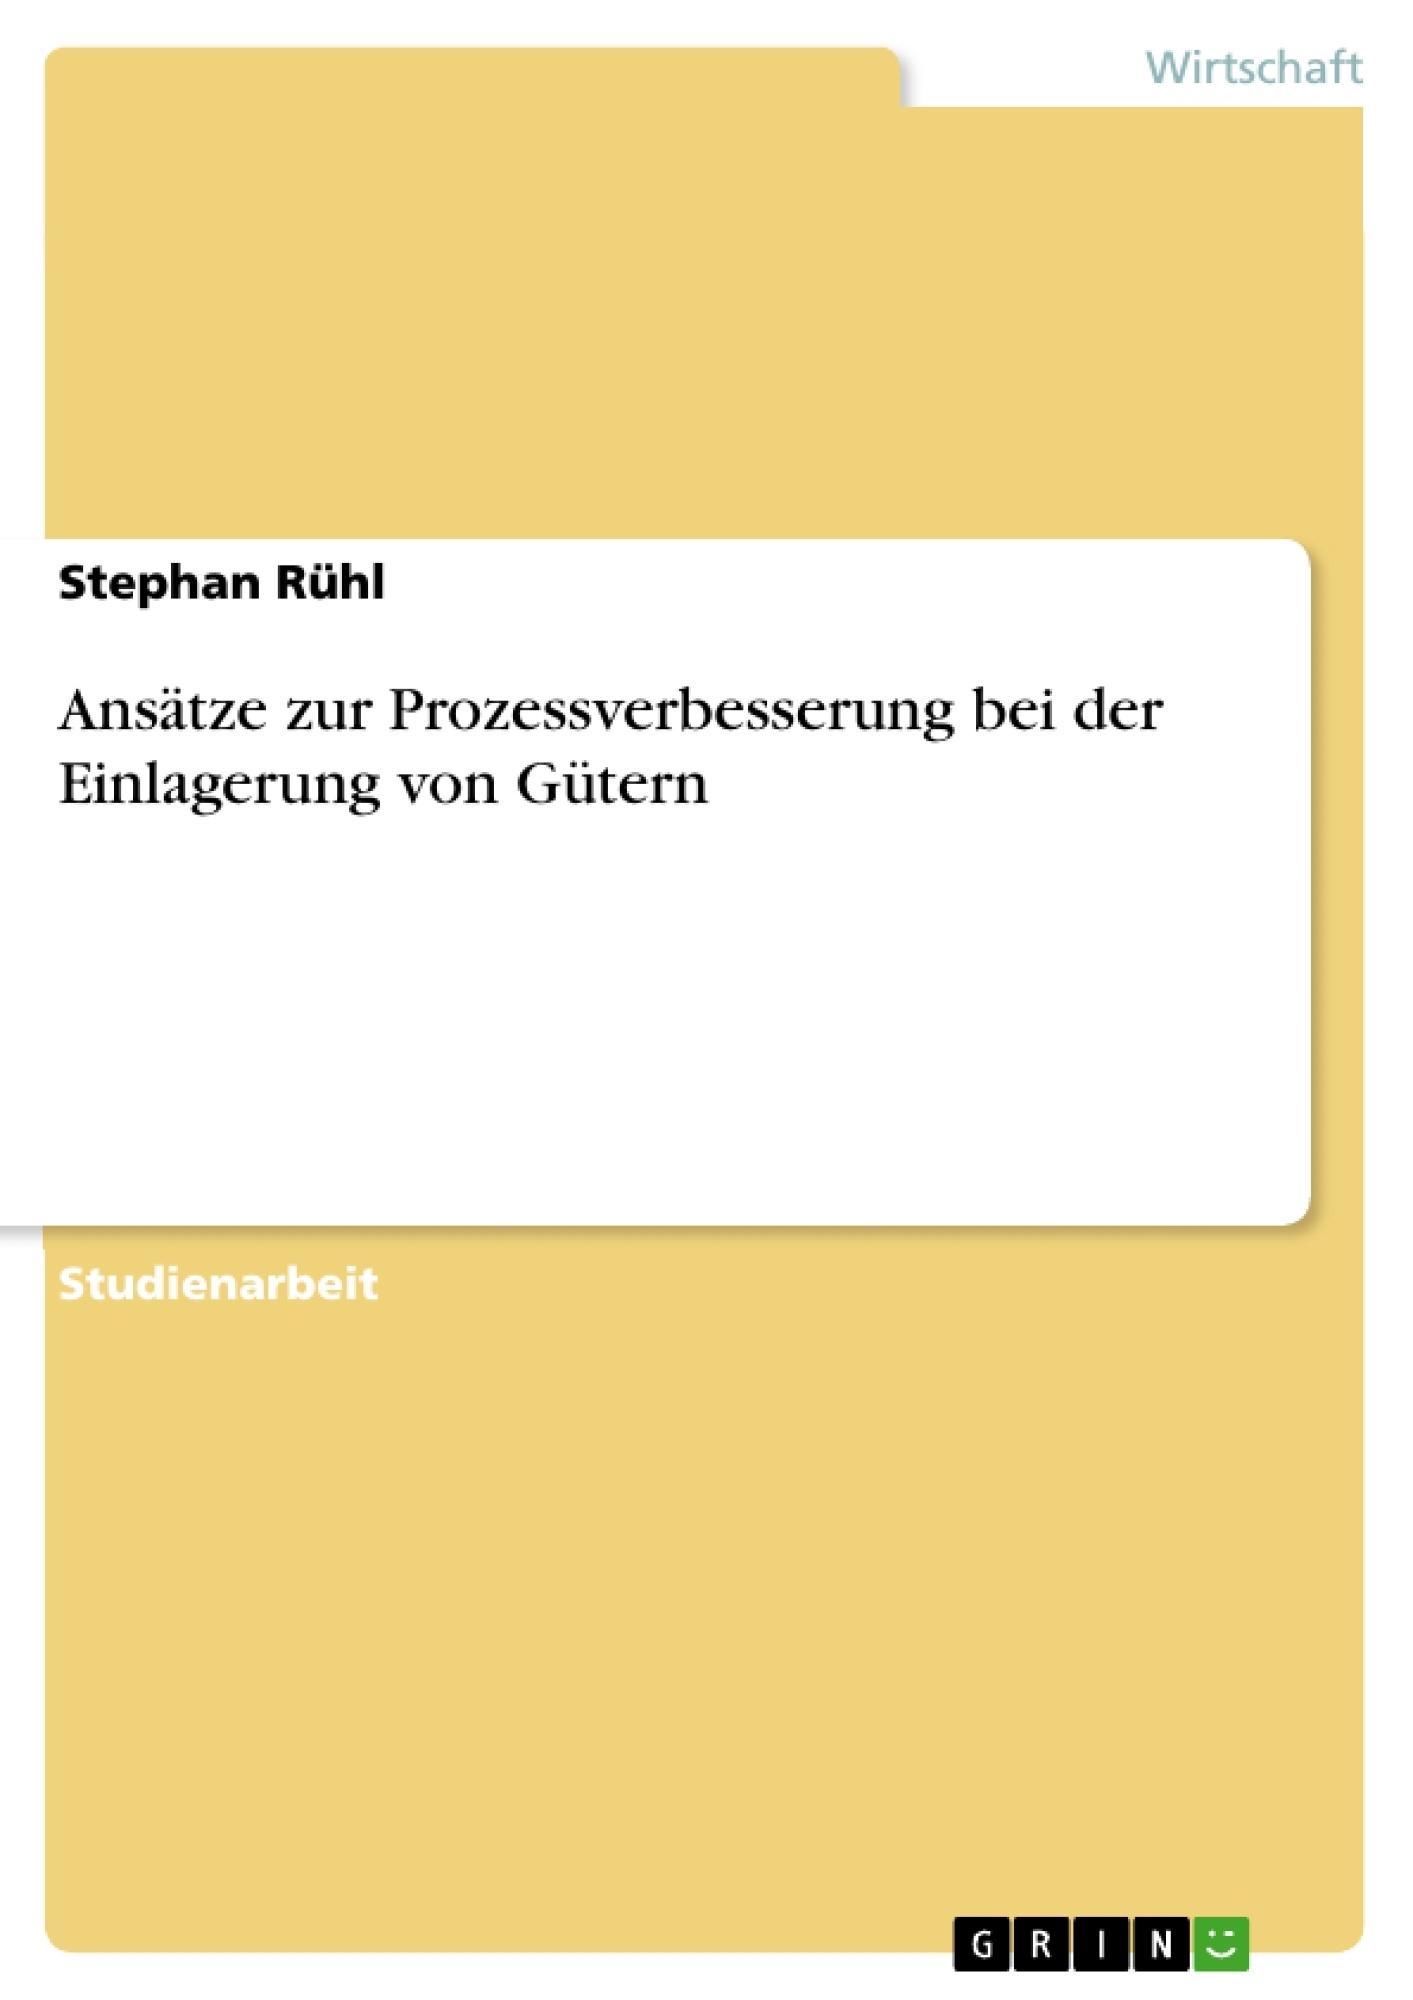 Titel: Ansätze zur Prozessverbesserung bei der Einlagerung von Gütern